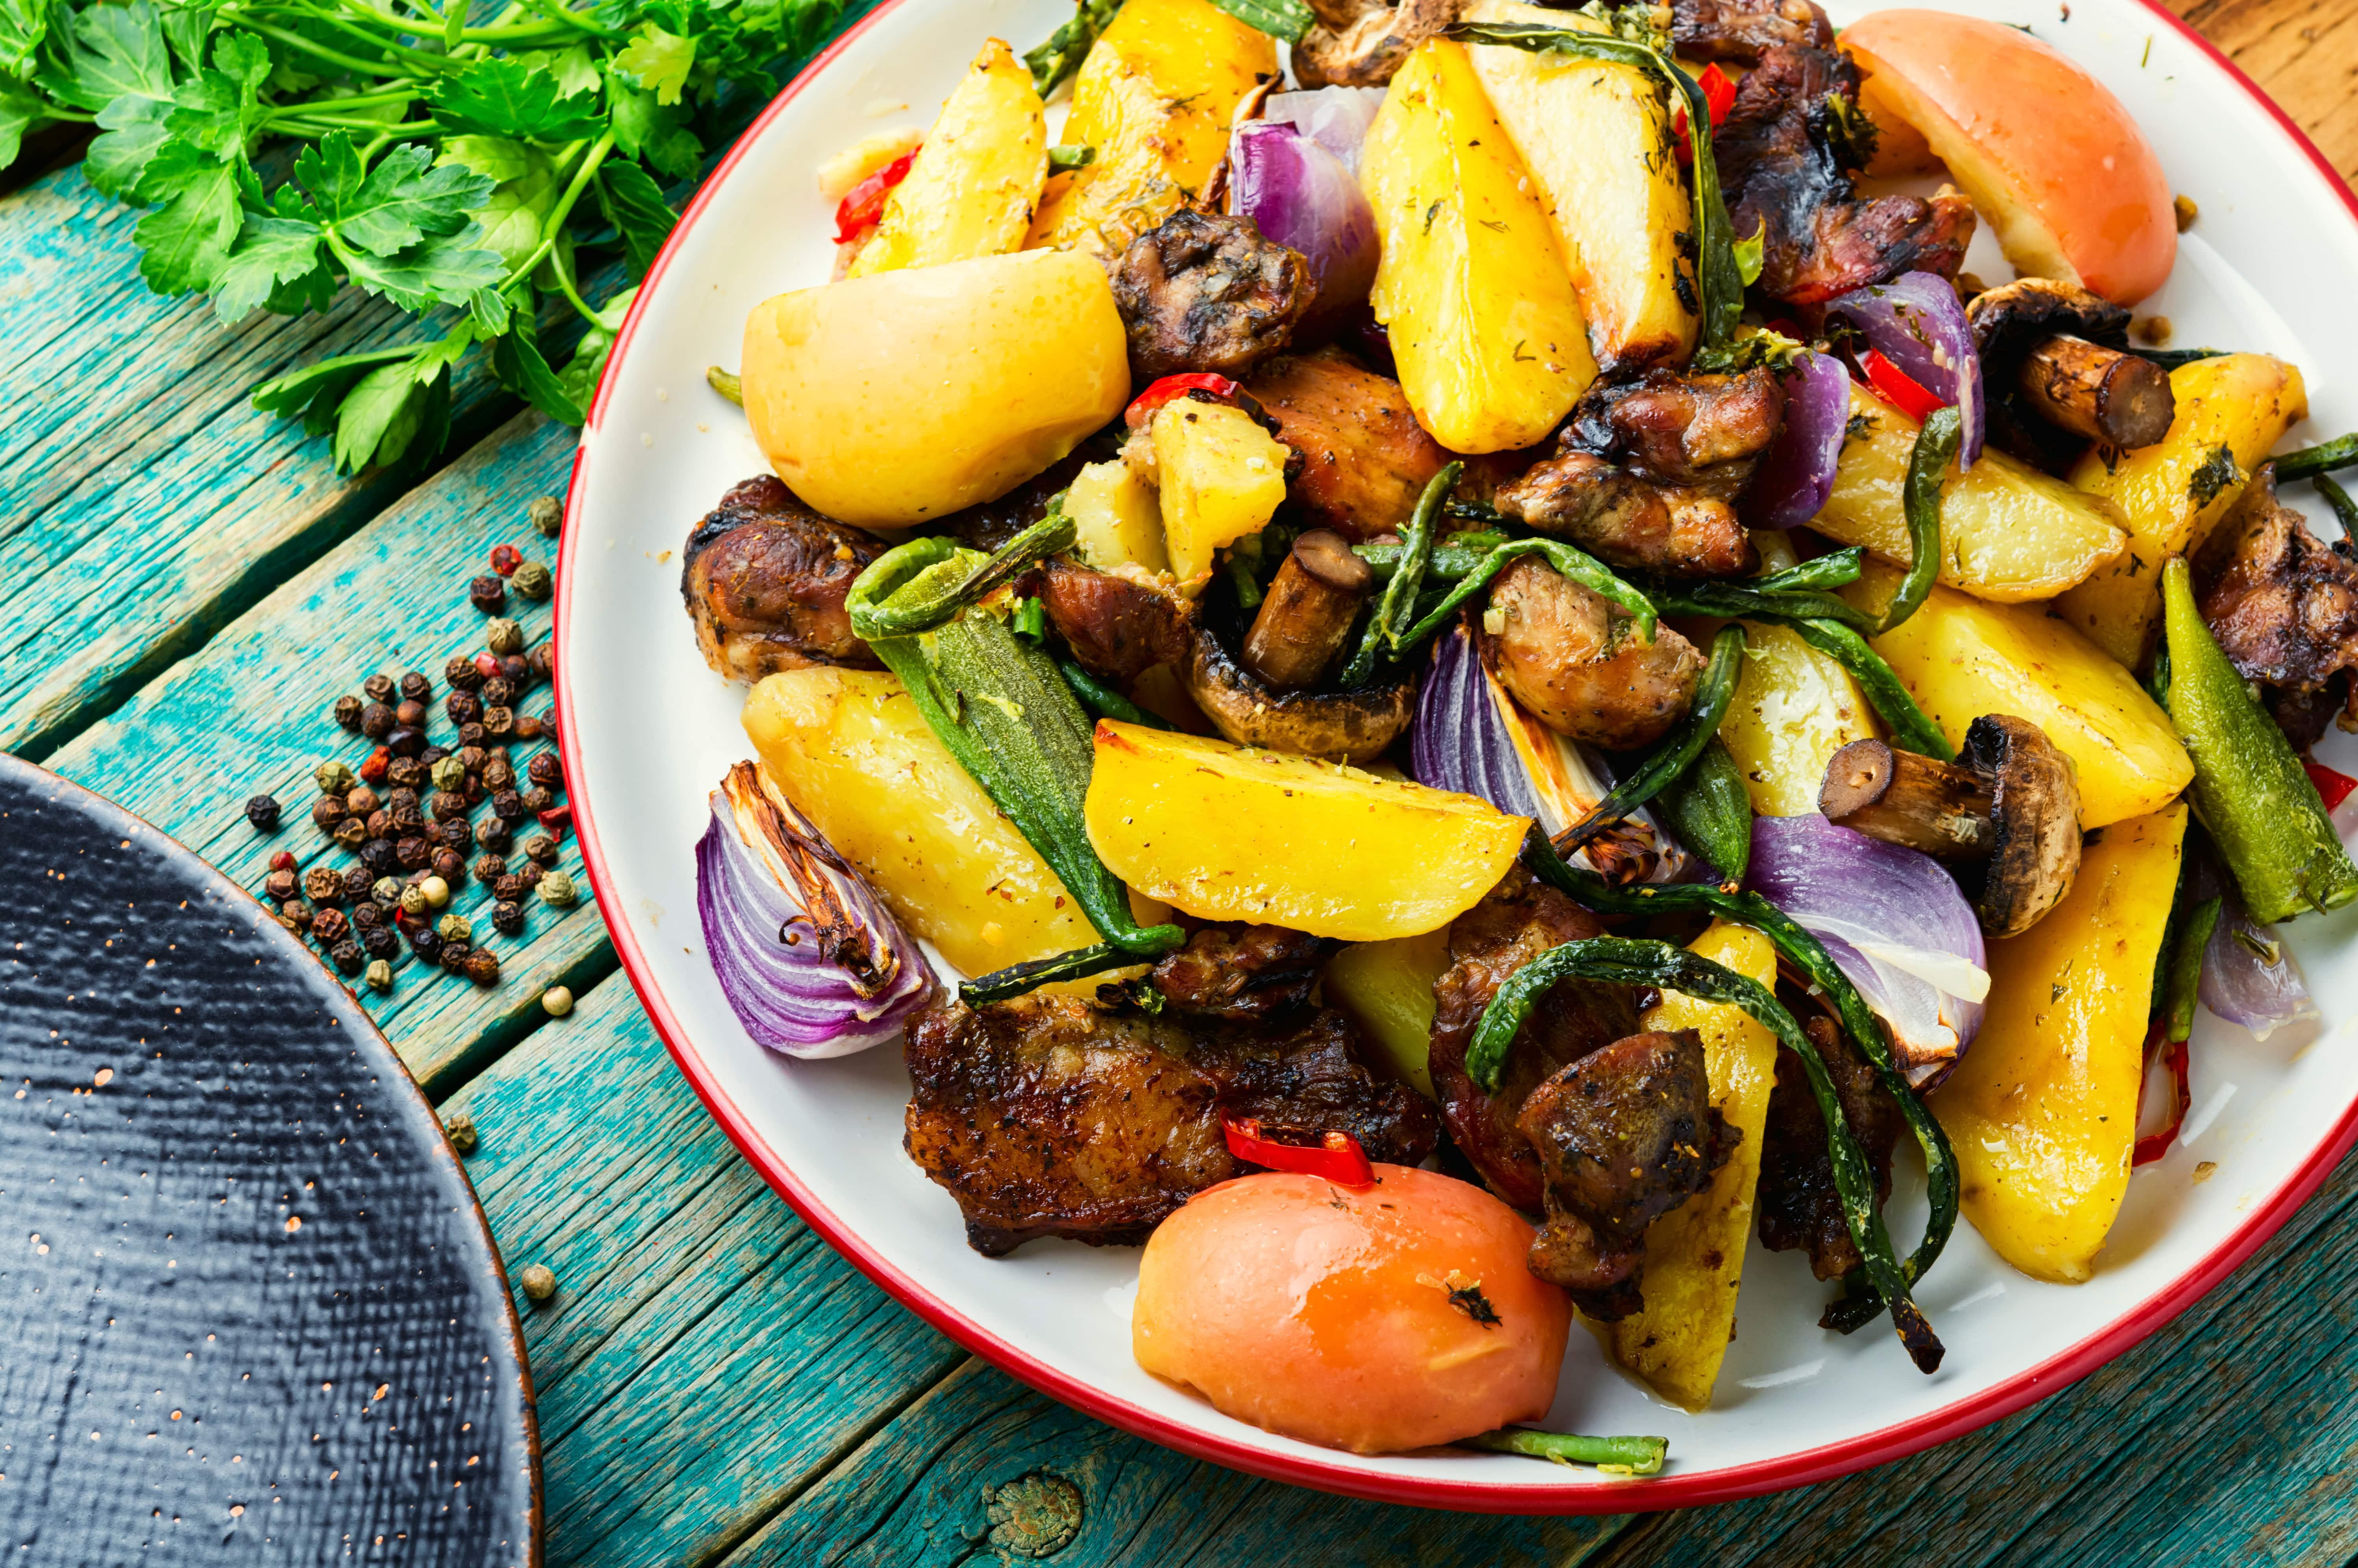 8 великолепных идей для блюд с картошкой и грибами